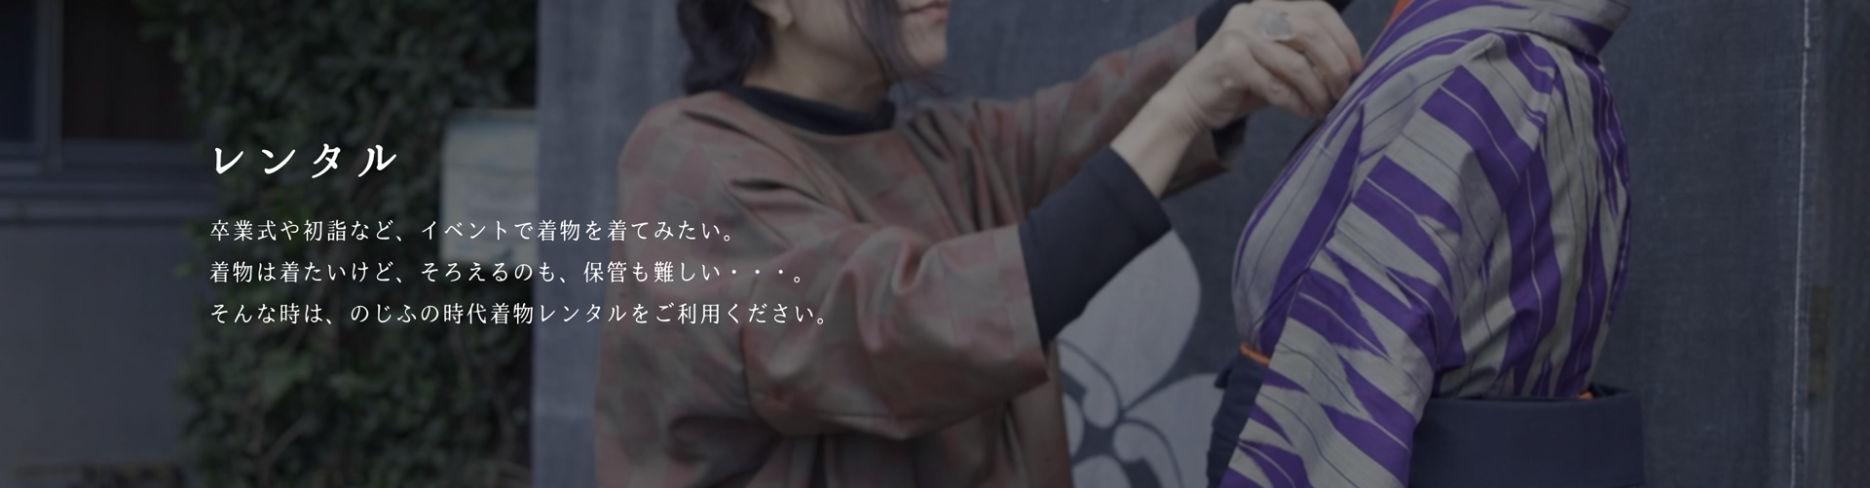 nojifu-6